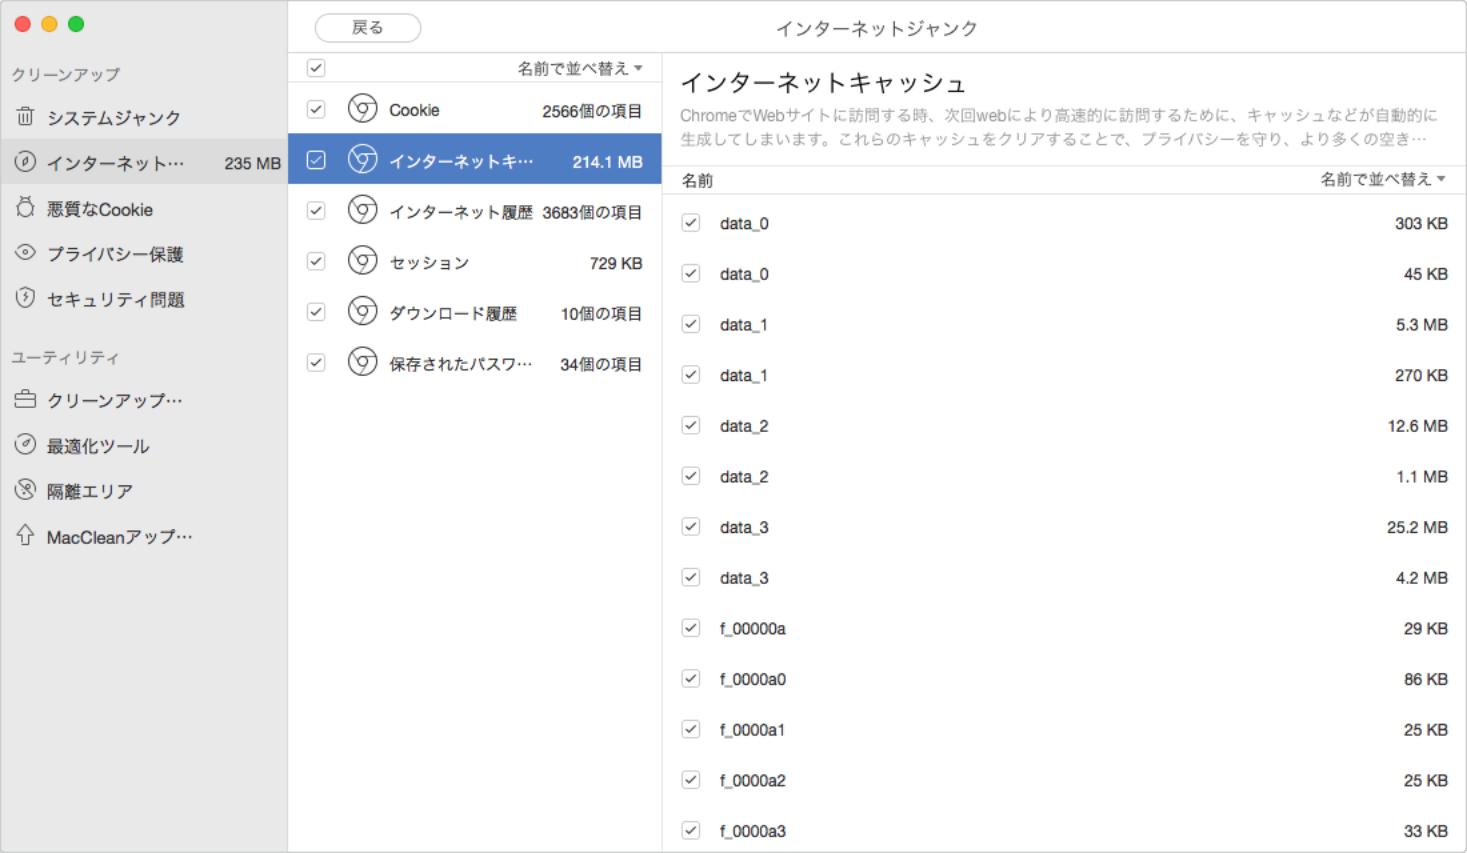 Chromeのジャンクファイルを確認